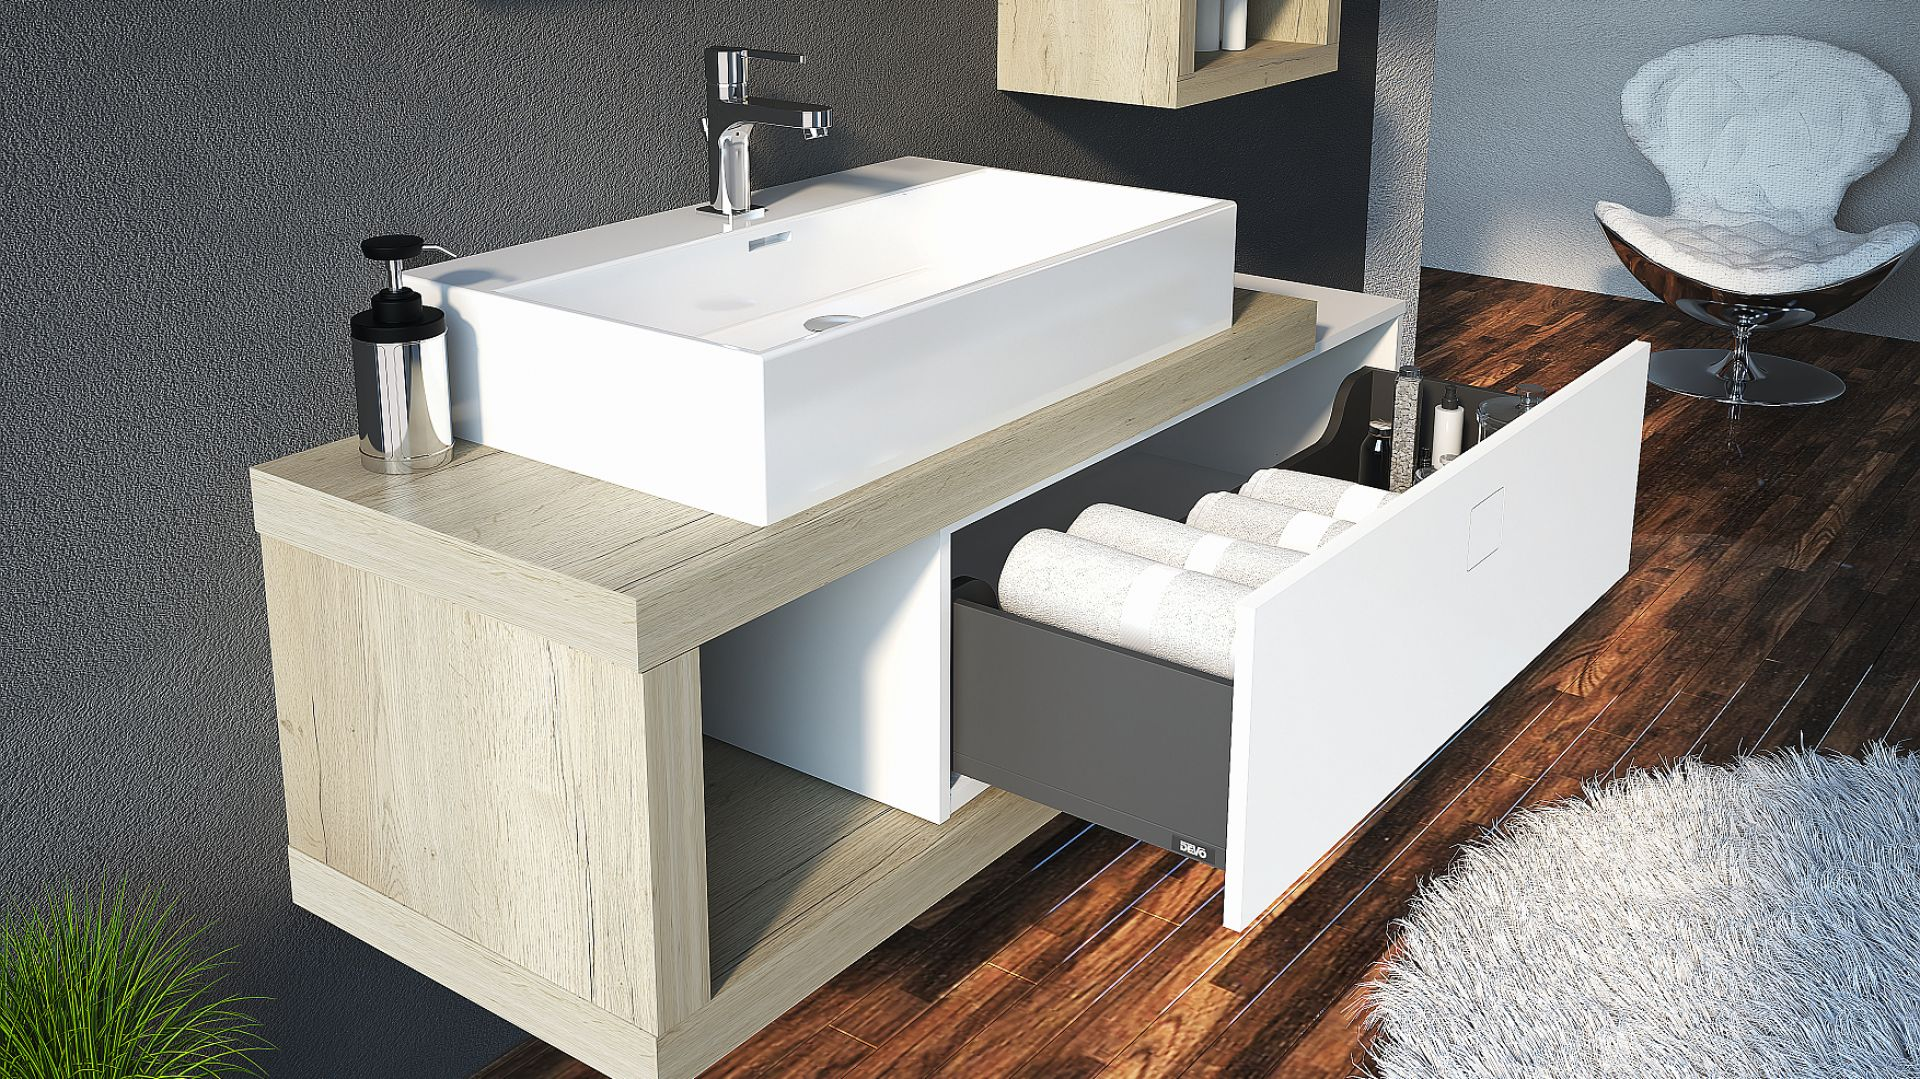 Fifa – asymetryczna szafka pod umywalkę. To oryginalna konfiguracja kolorów i form; z pojemną szufladą i dodatkową otwartą półką pod blatem. Fot. Devo